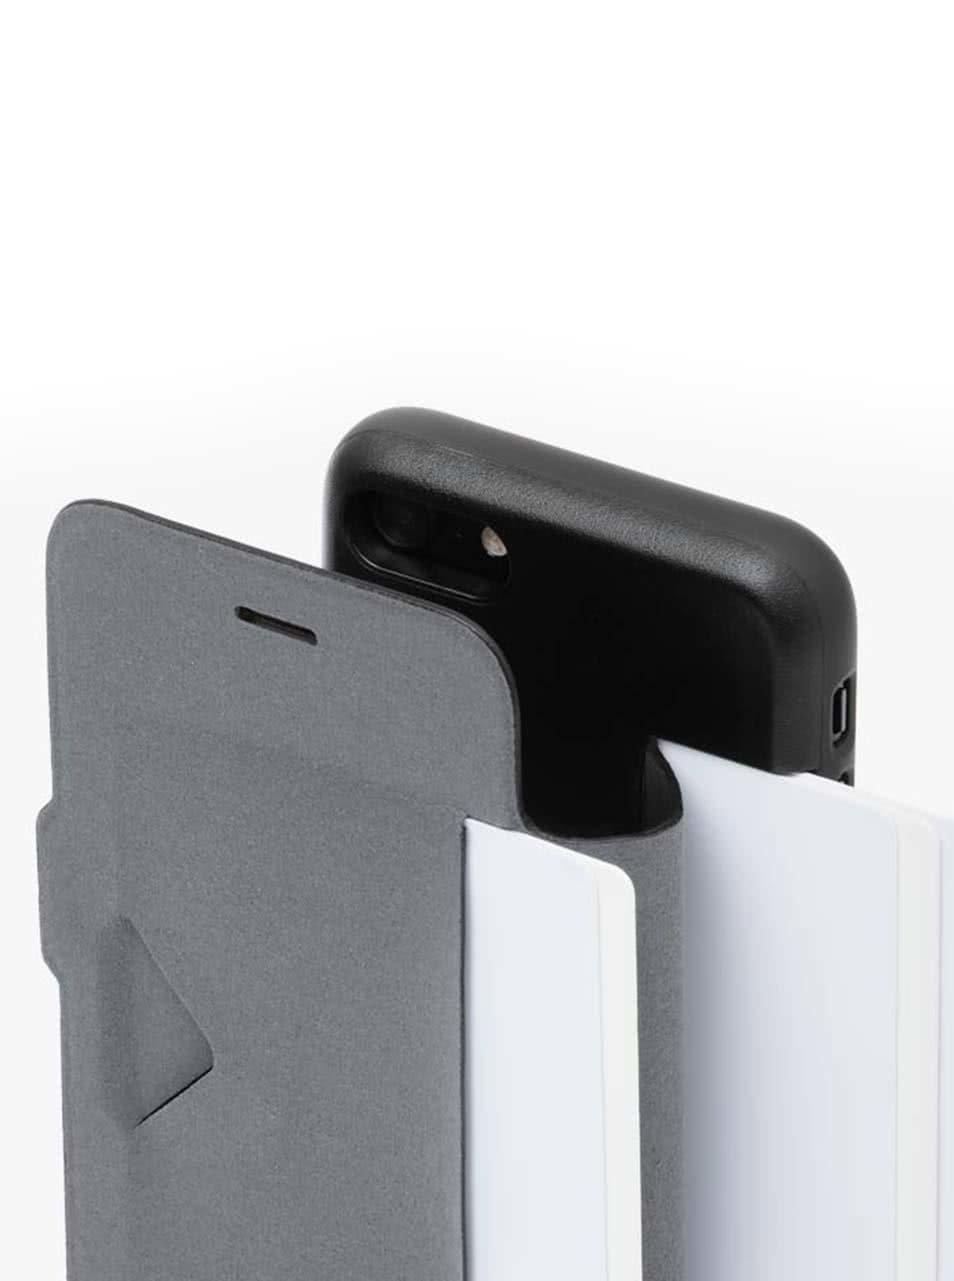 Černý kožený kryt pro iPhone 7 s přihrádkou na platební karty Bellroy